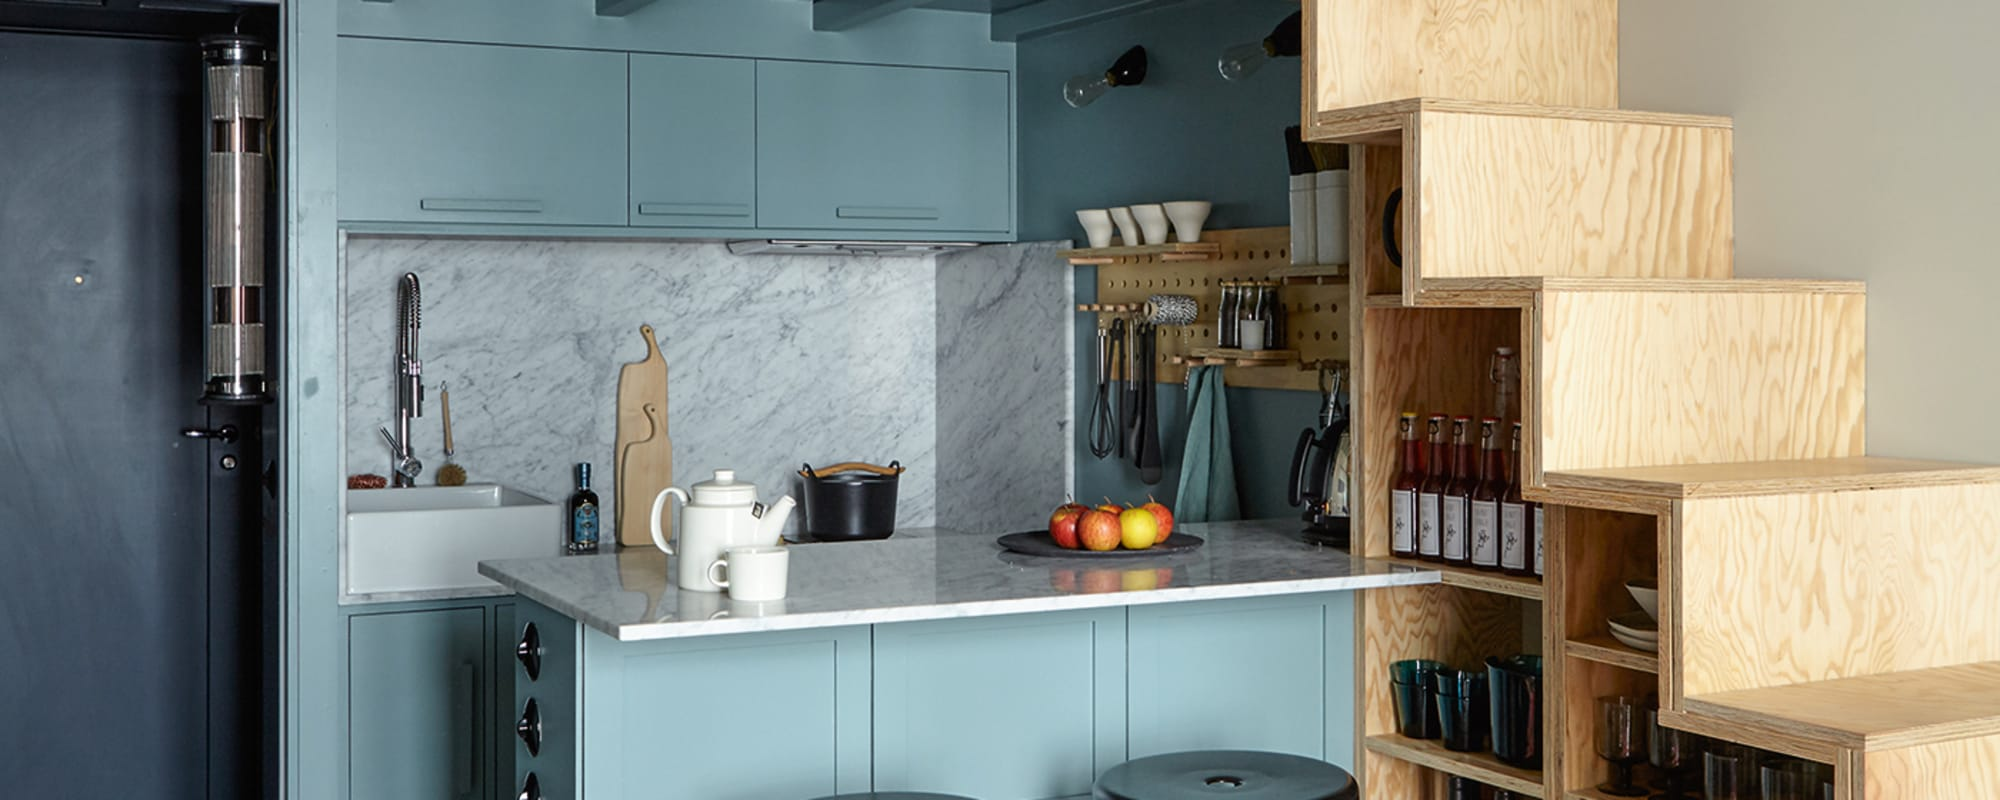 AD, Küche, Interior, Design, SmallSpaces, Wohnen